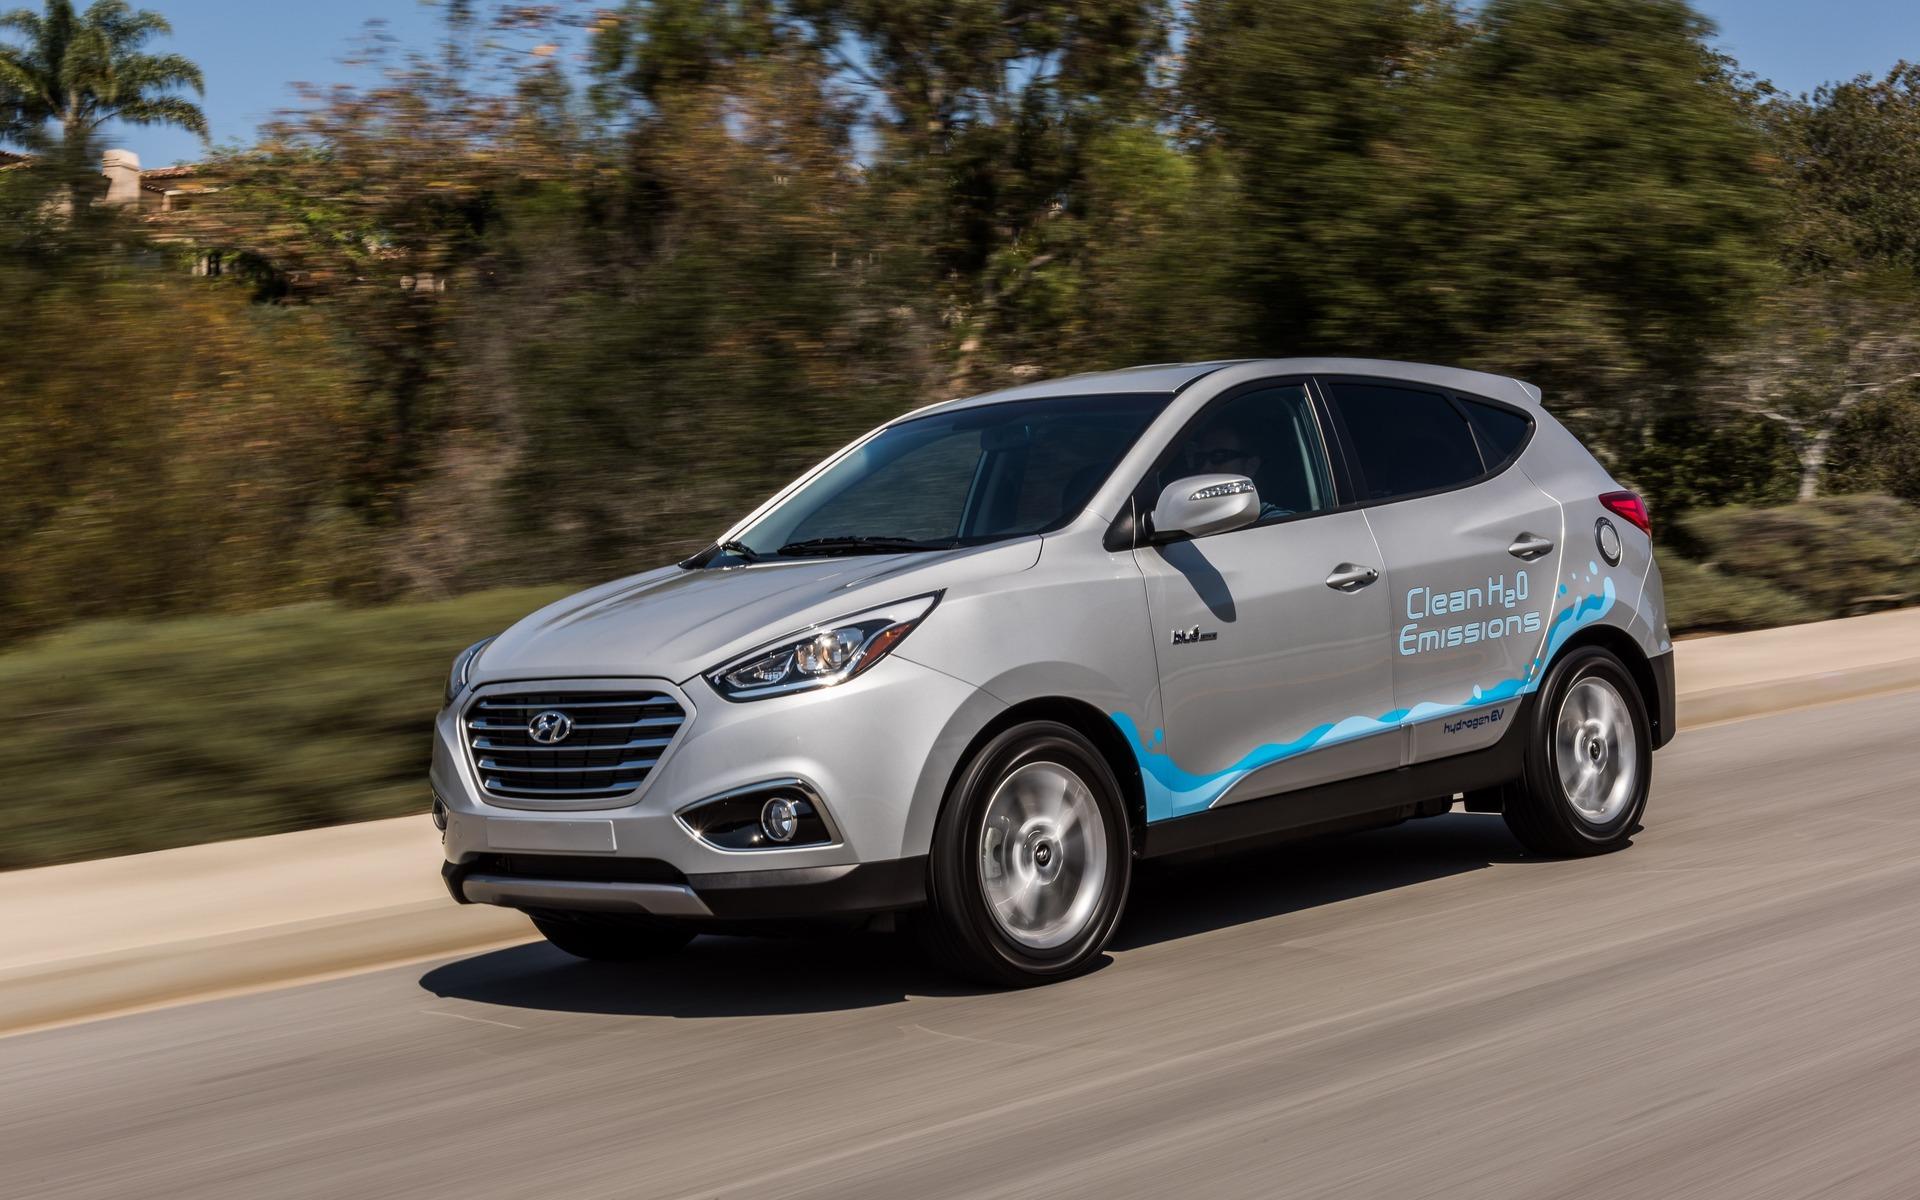 2016 Hyundai Tucson FCEV